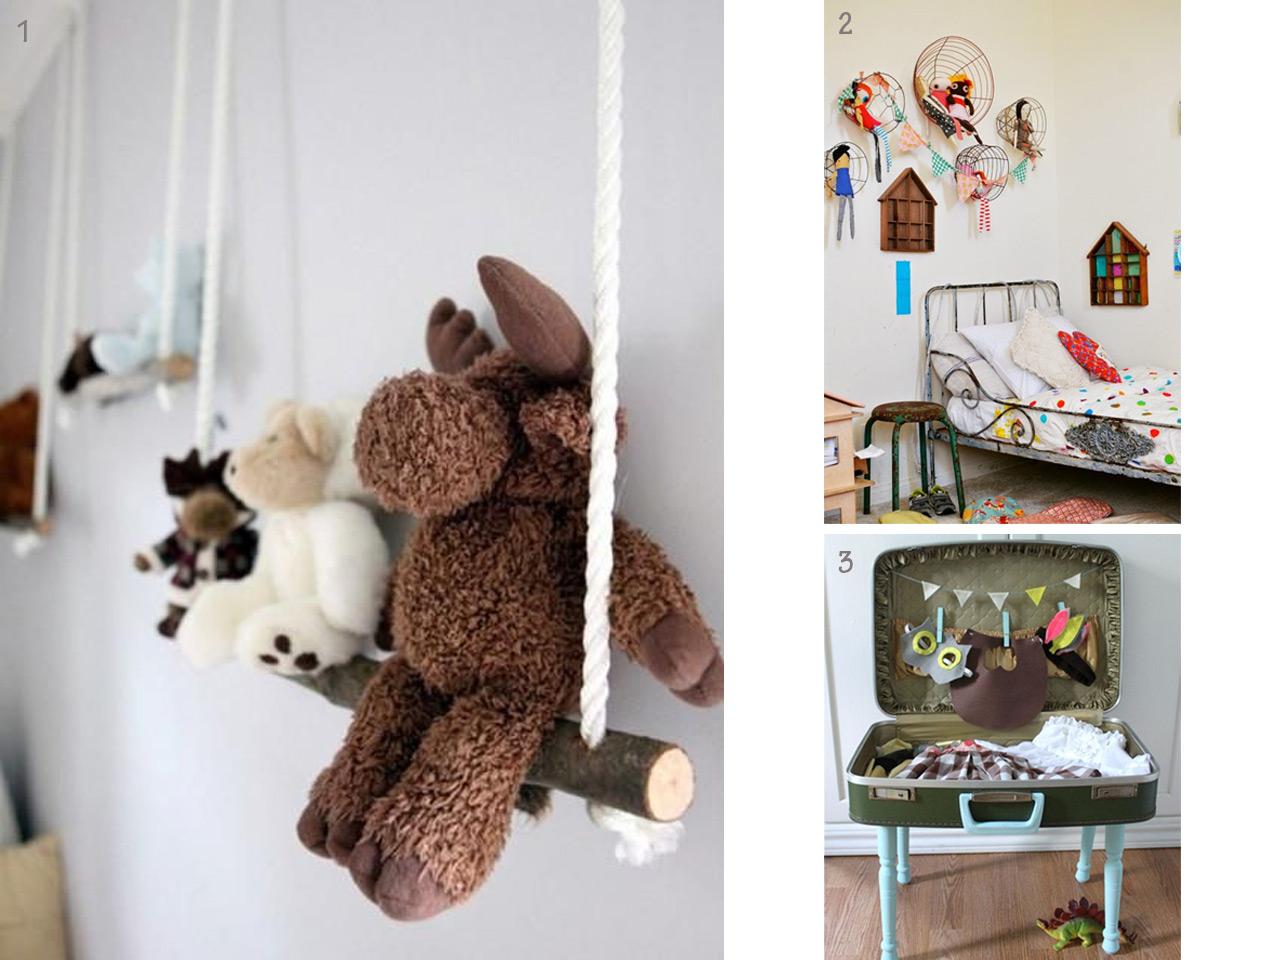 Juegos De Organizar Baños:Muebles infantiles y fantásticas ideas para el cuarto de juegos